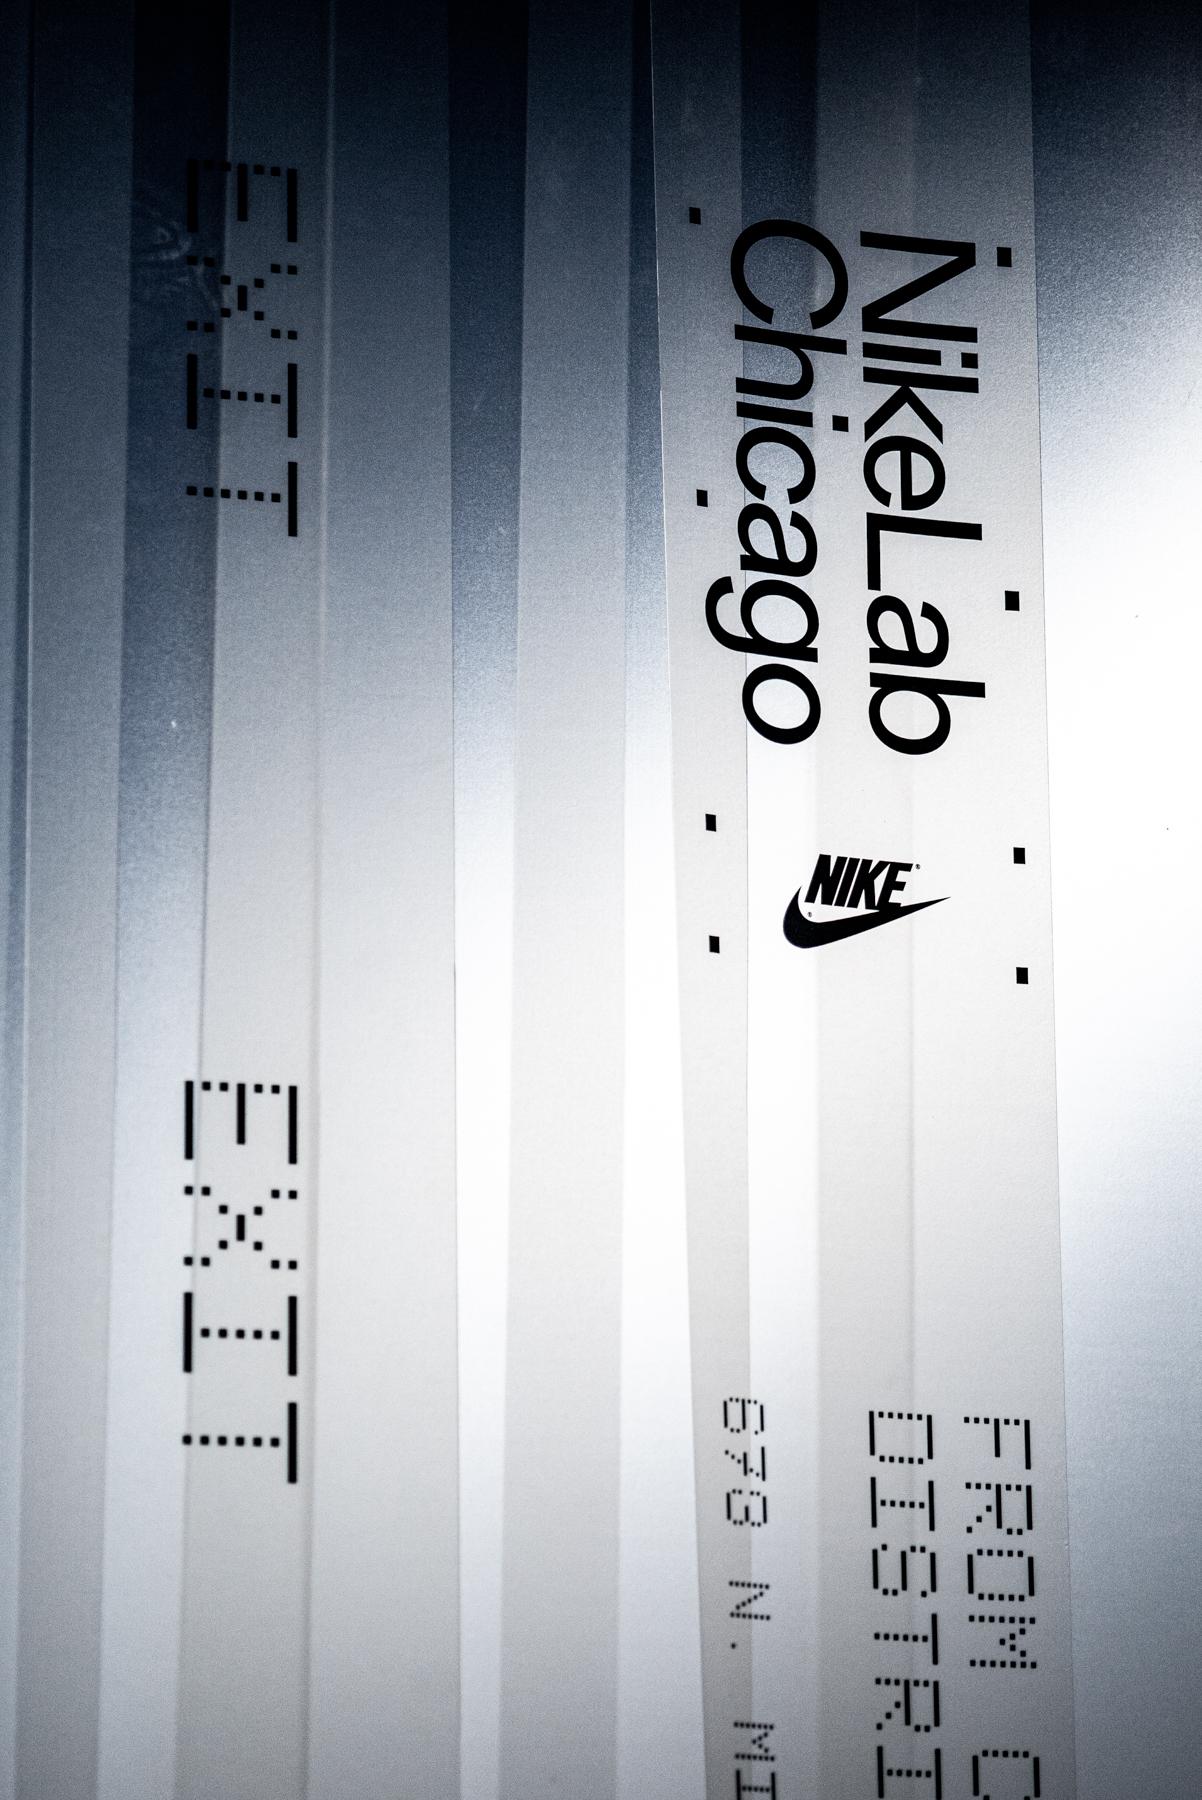 JFENSKE_10113_Satis_Nike_Relab__JTF2775_low_01.jpg